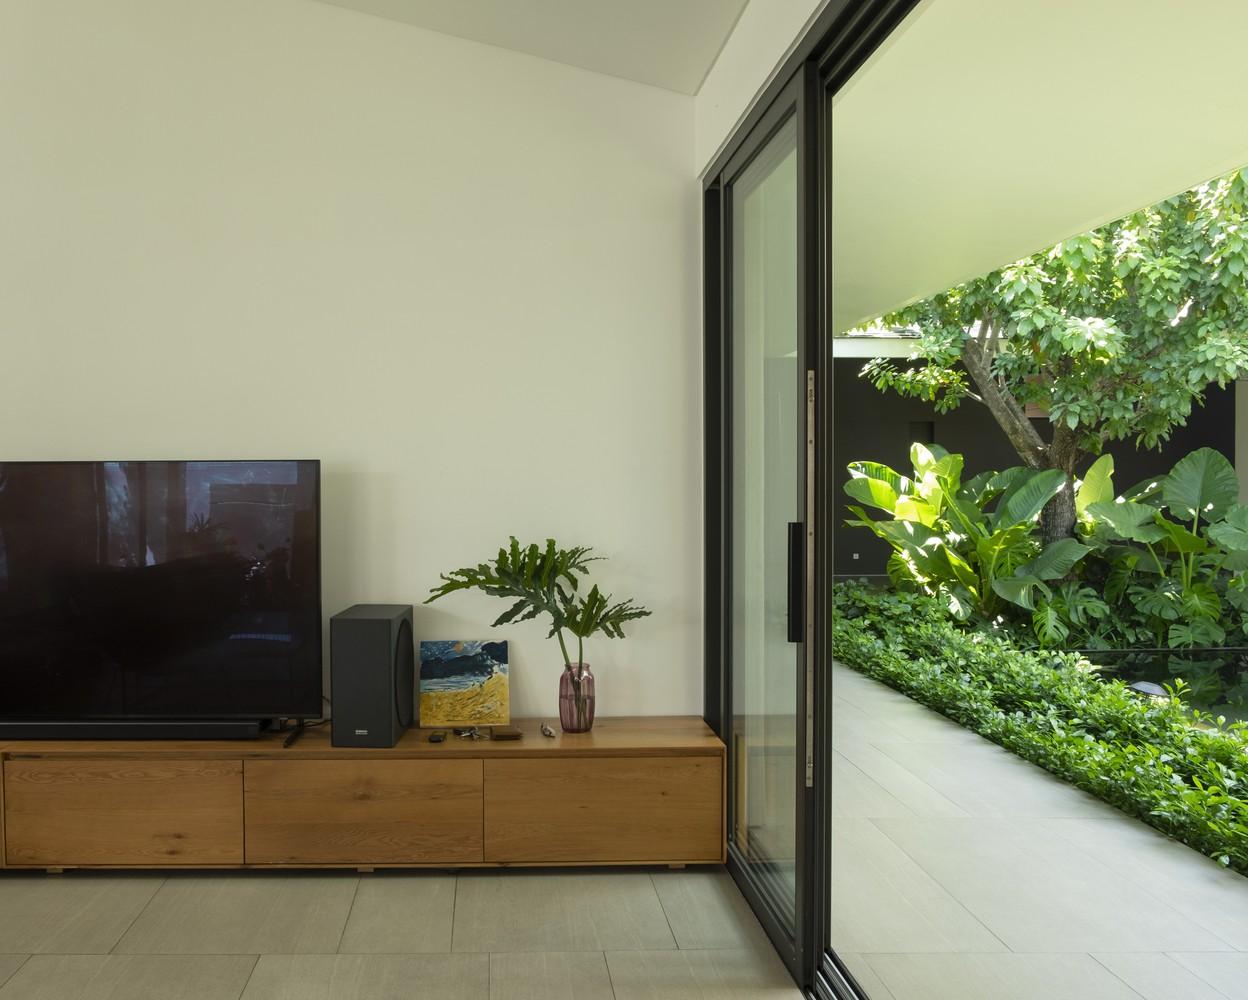 Các không gian riêng này đều mở ra các góc vườn riêng phía sau, tạo ra một không gian sống hài hòa với thiên nhiên